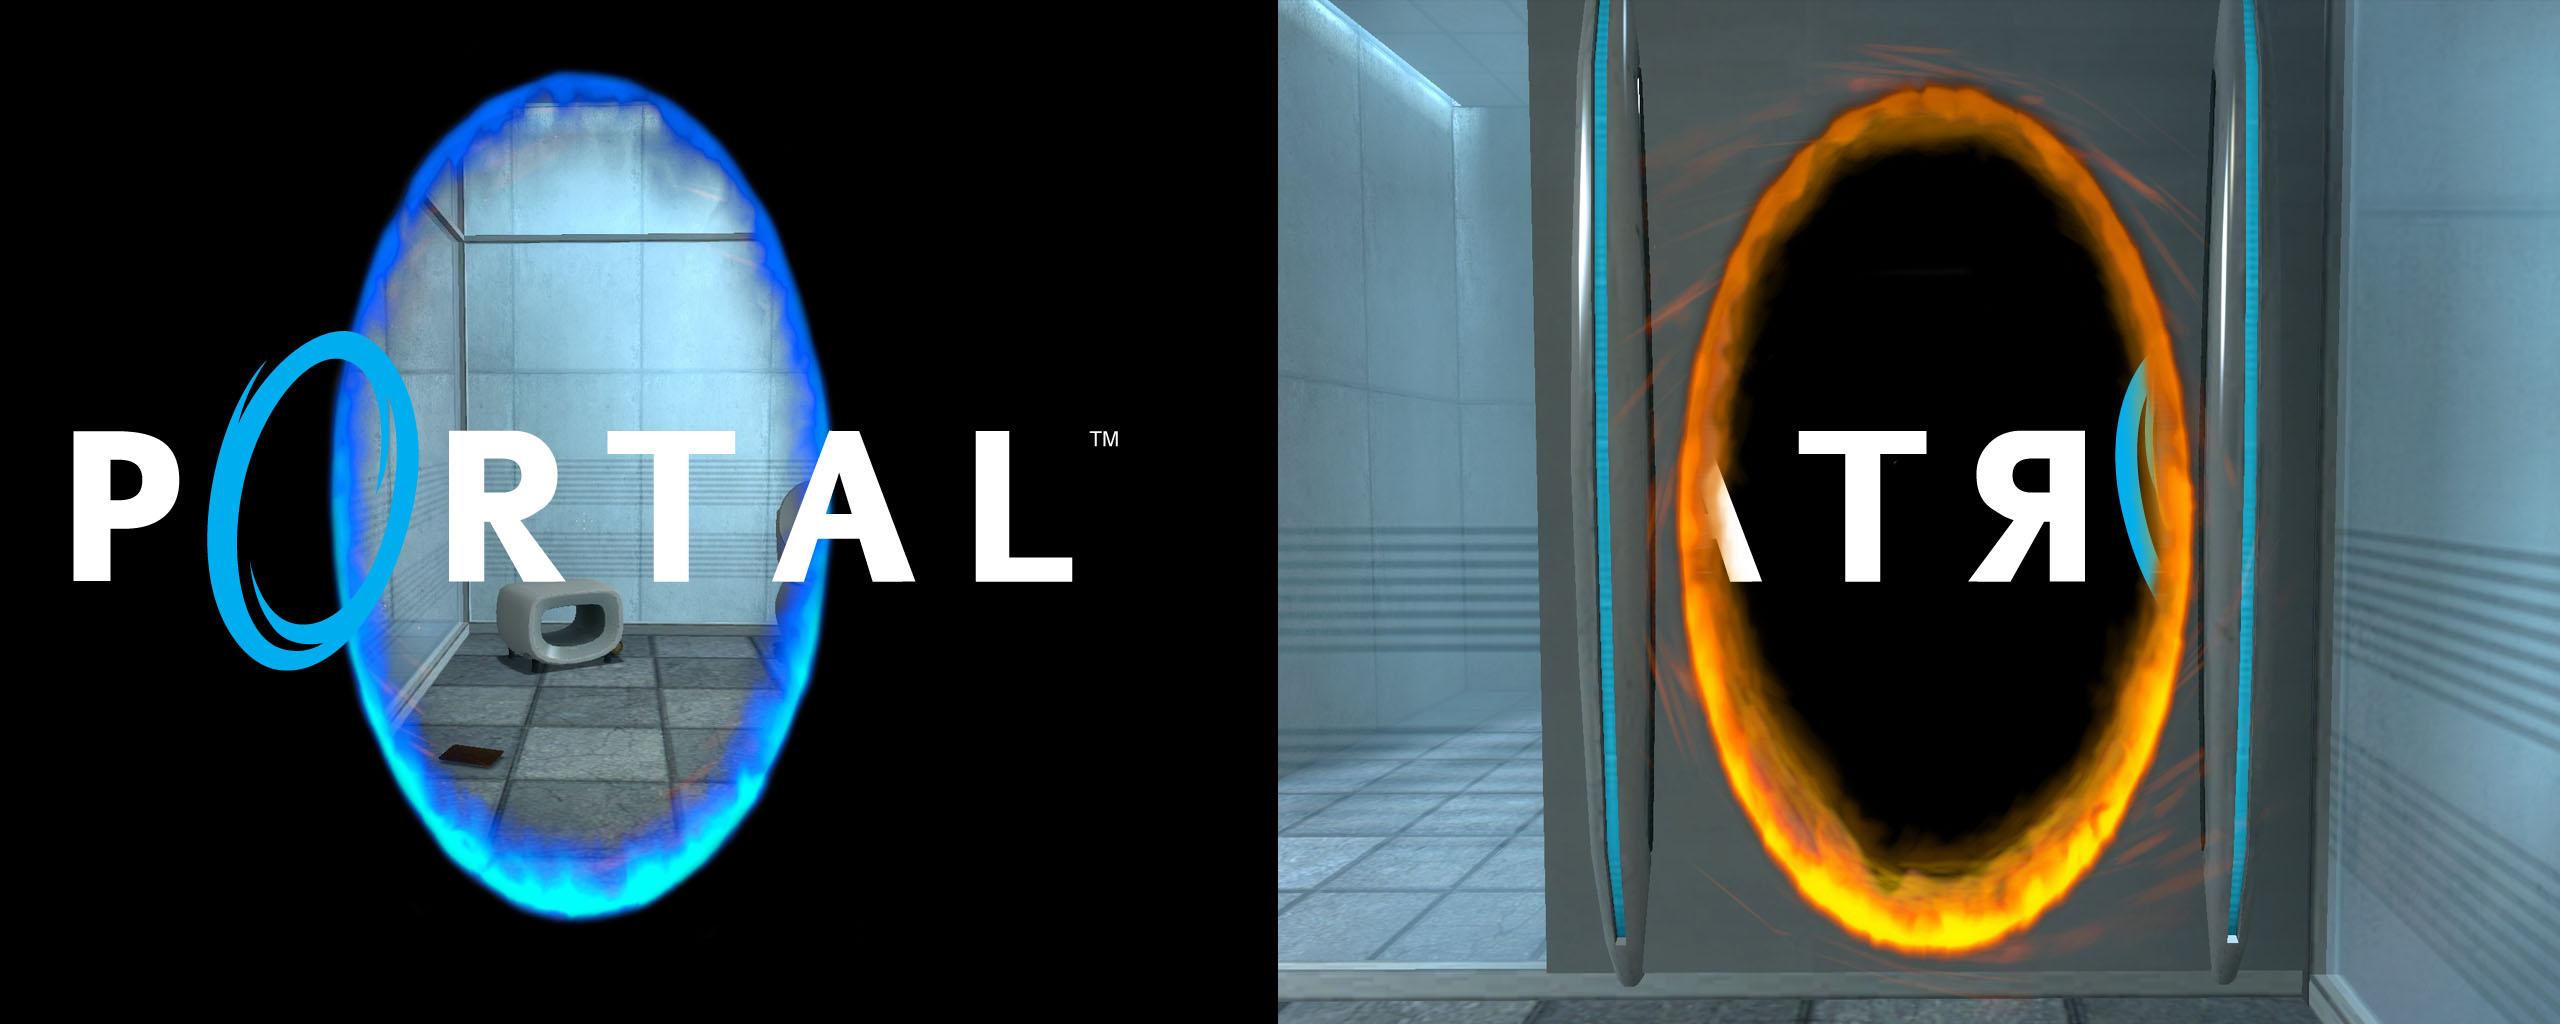 Portal Wapo Wallpaper 2560x1024 Portal Wapo Portal Dual Screen 2560x1024